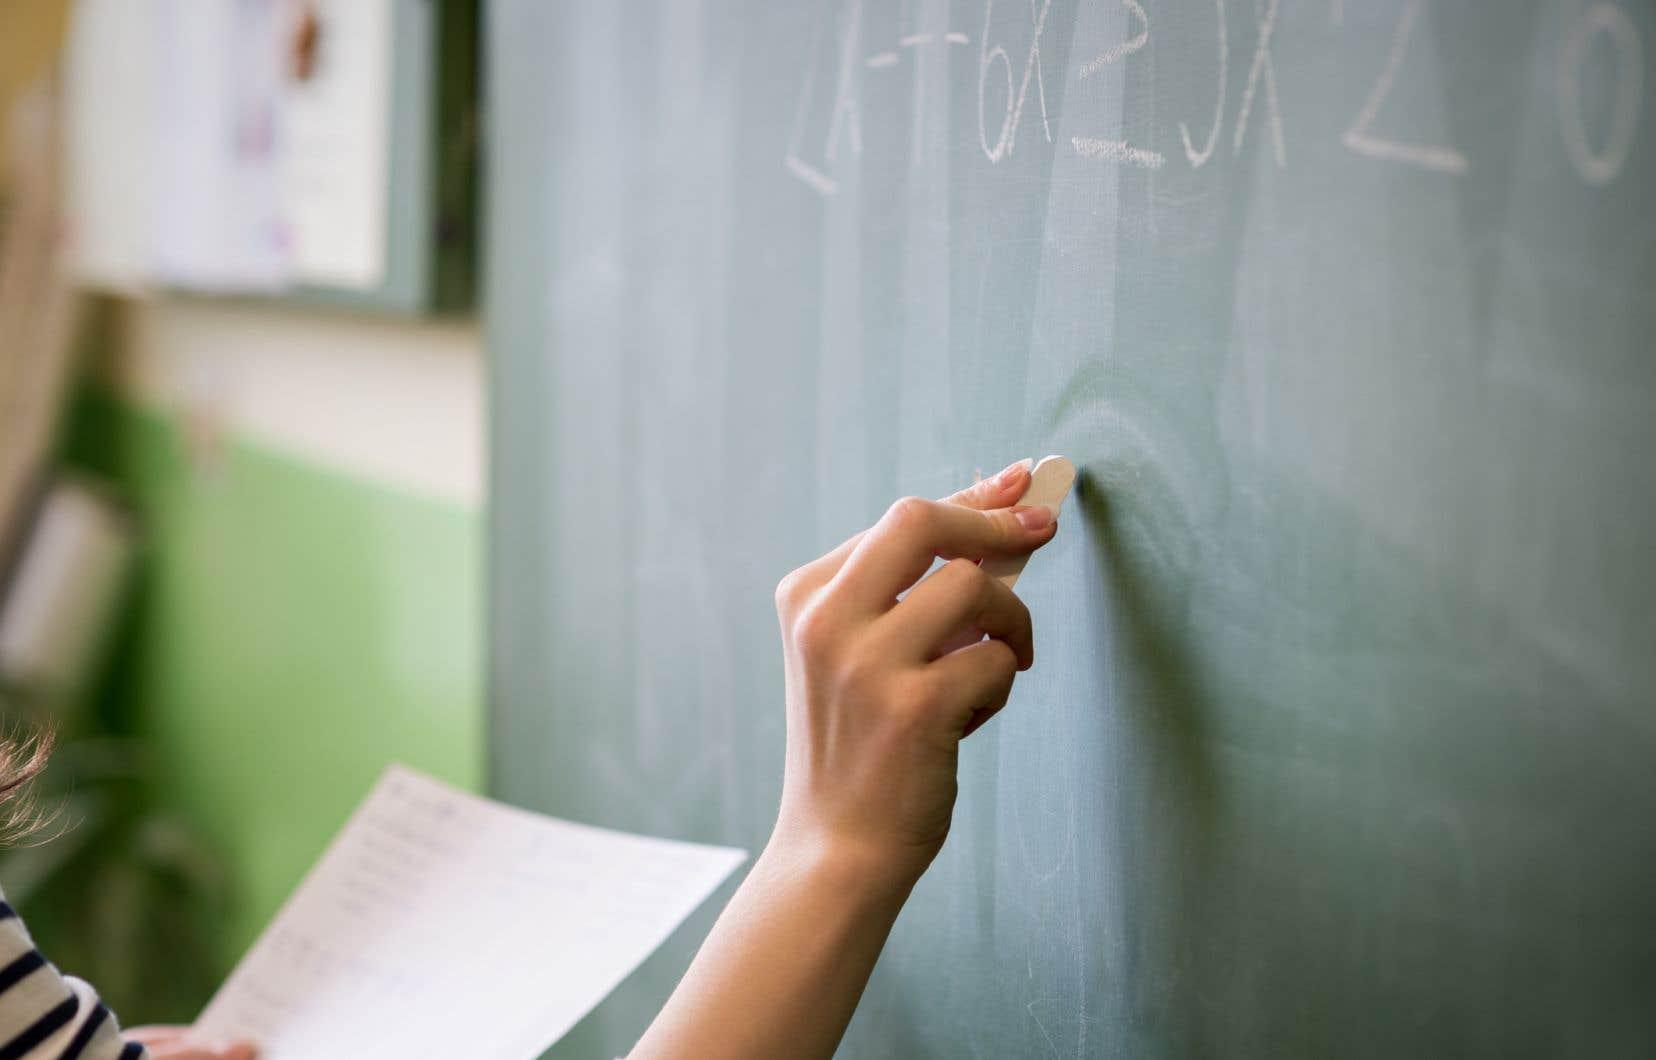 Au Québec, les conditions sont si difficiles pour les enseignants que 25% d'entre eux abandonnent dans les cinq premières années de carrière.